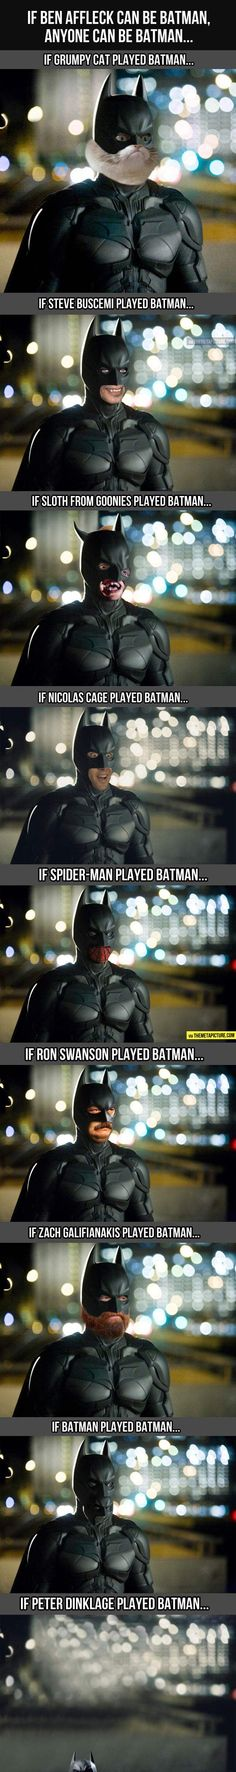 Bruce Wayne's cat